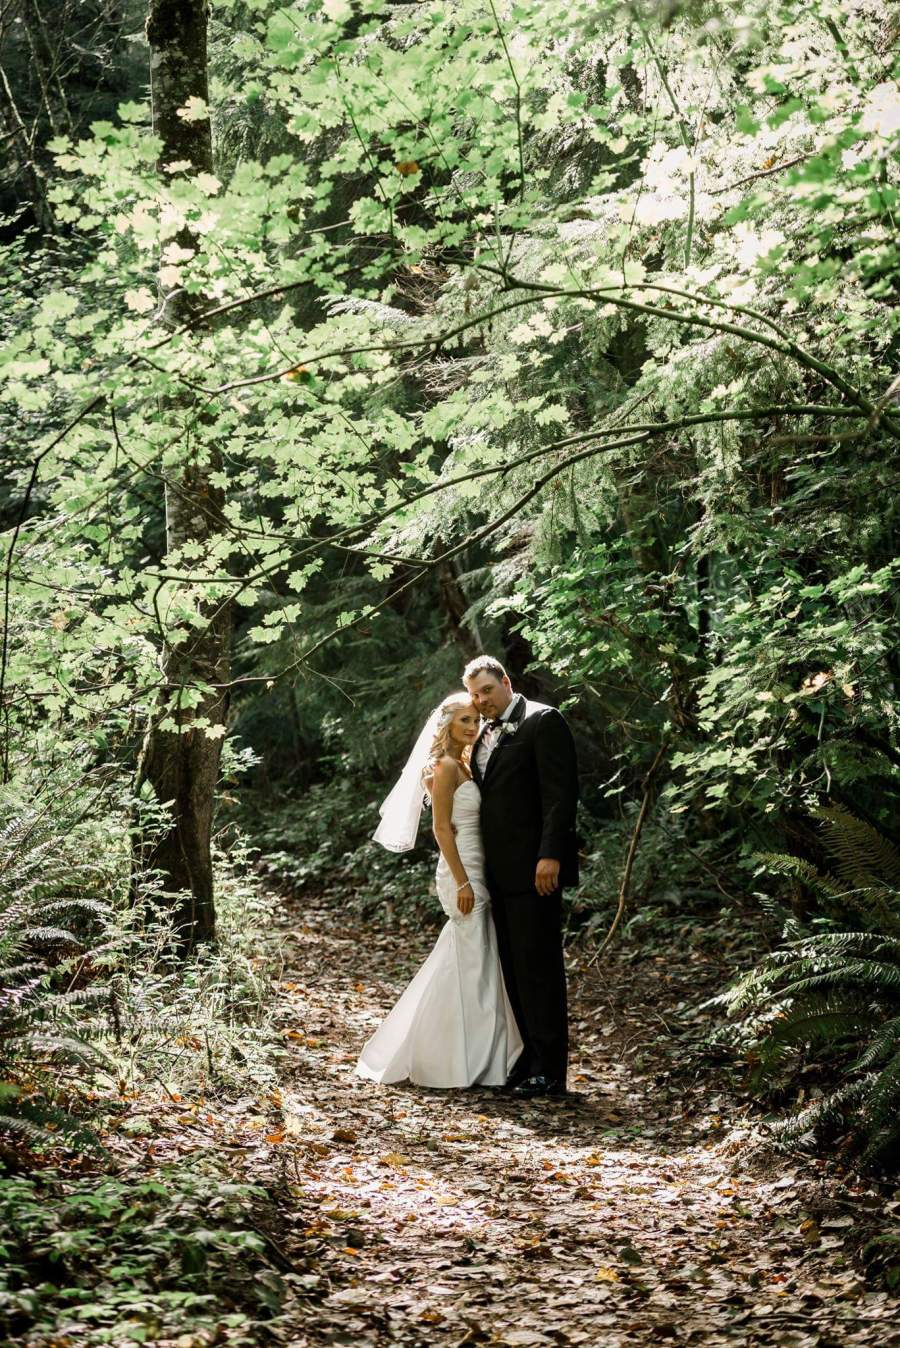 Georgia Wedding Portrait - Georgia, Florida, Texas Wedding Photographer